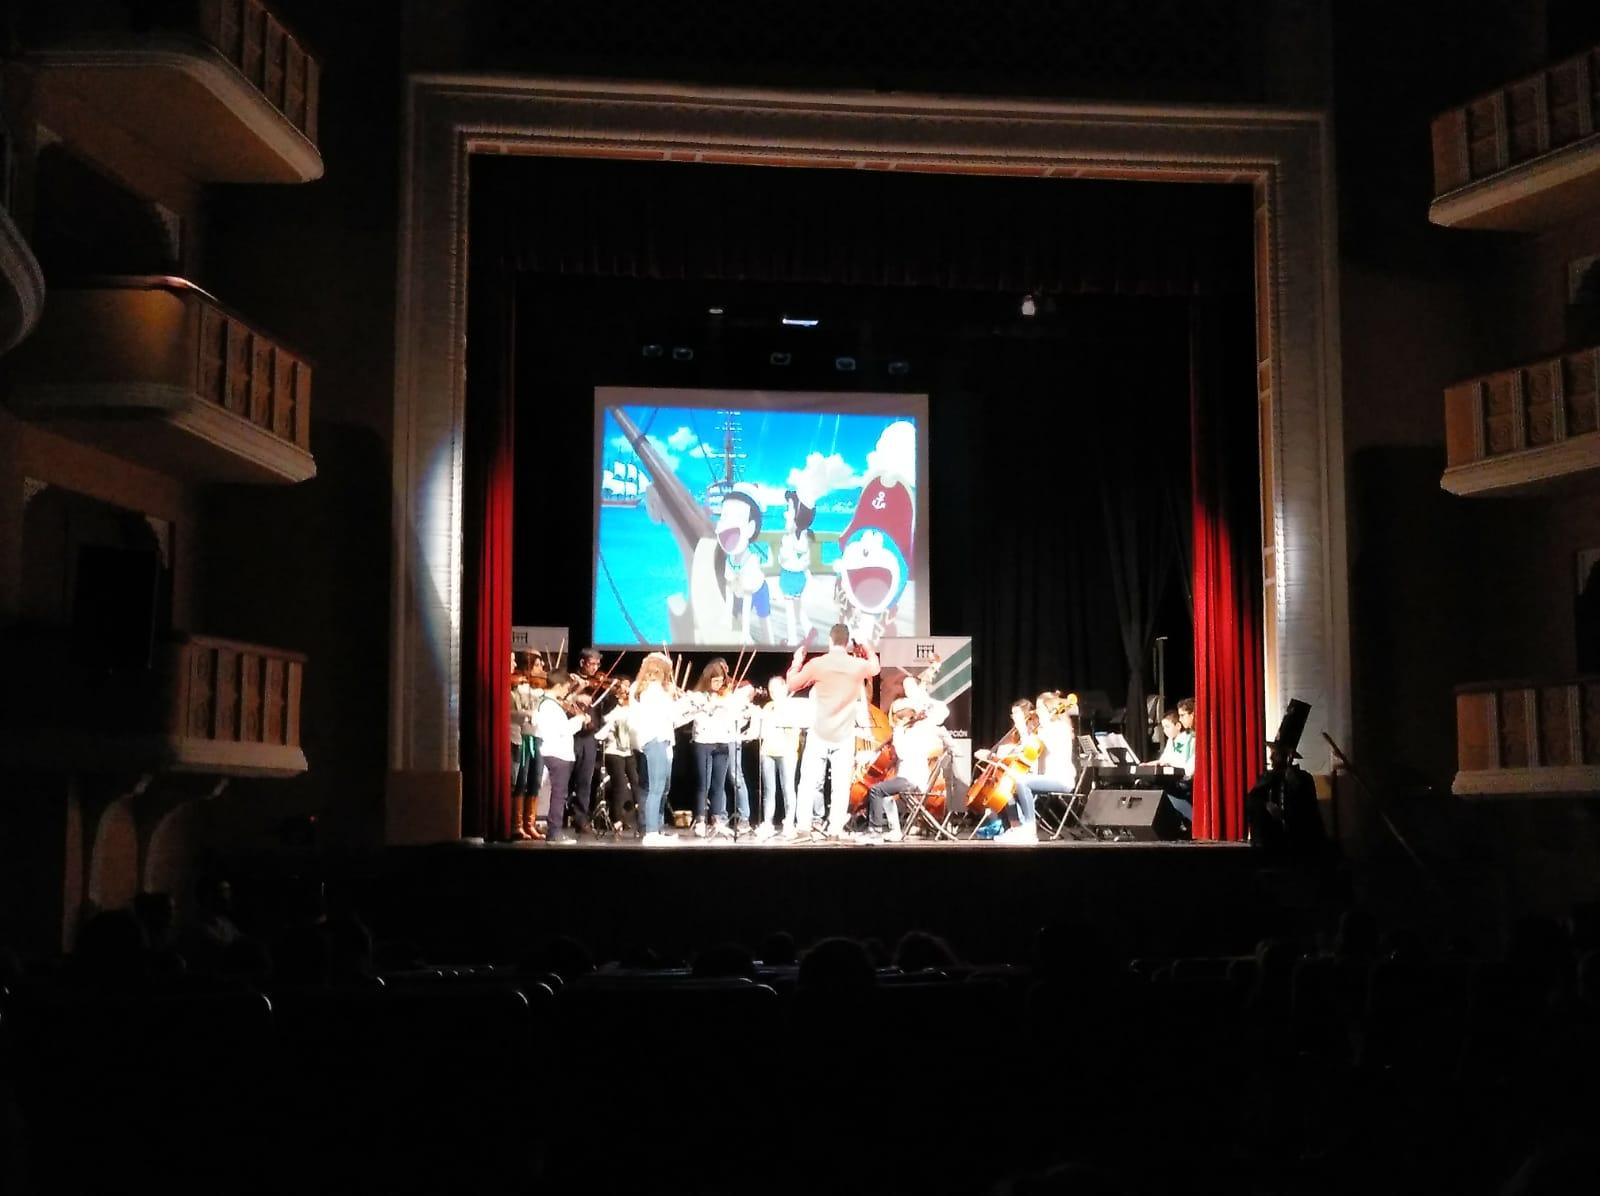 conciertoconserv34_19 (6)